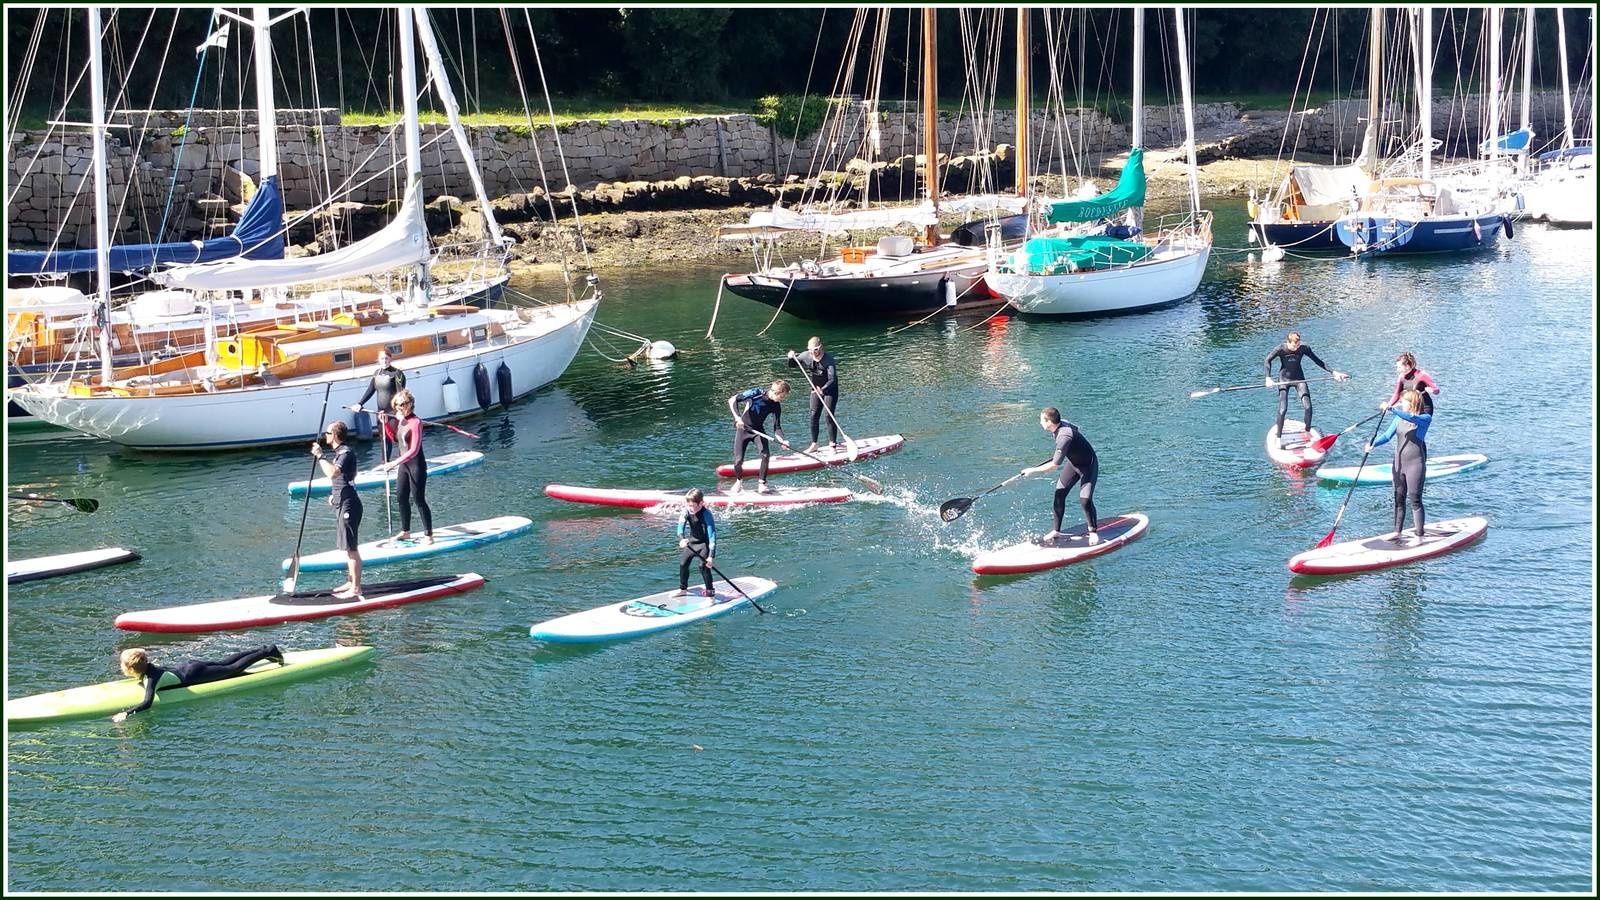 Des activités d'initiation au stand up paddle sont proposées sur le bassin à flot...